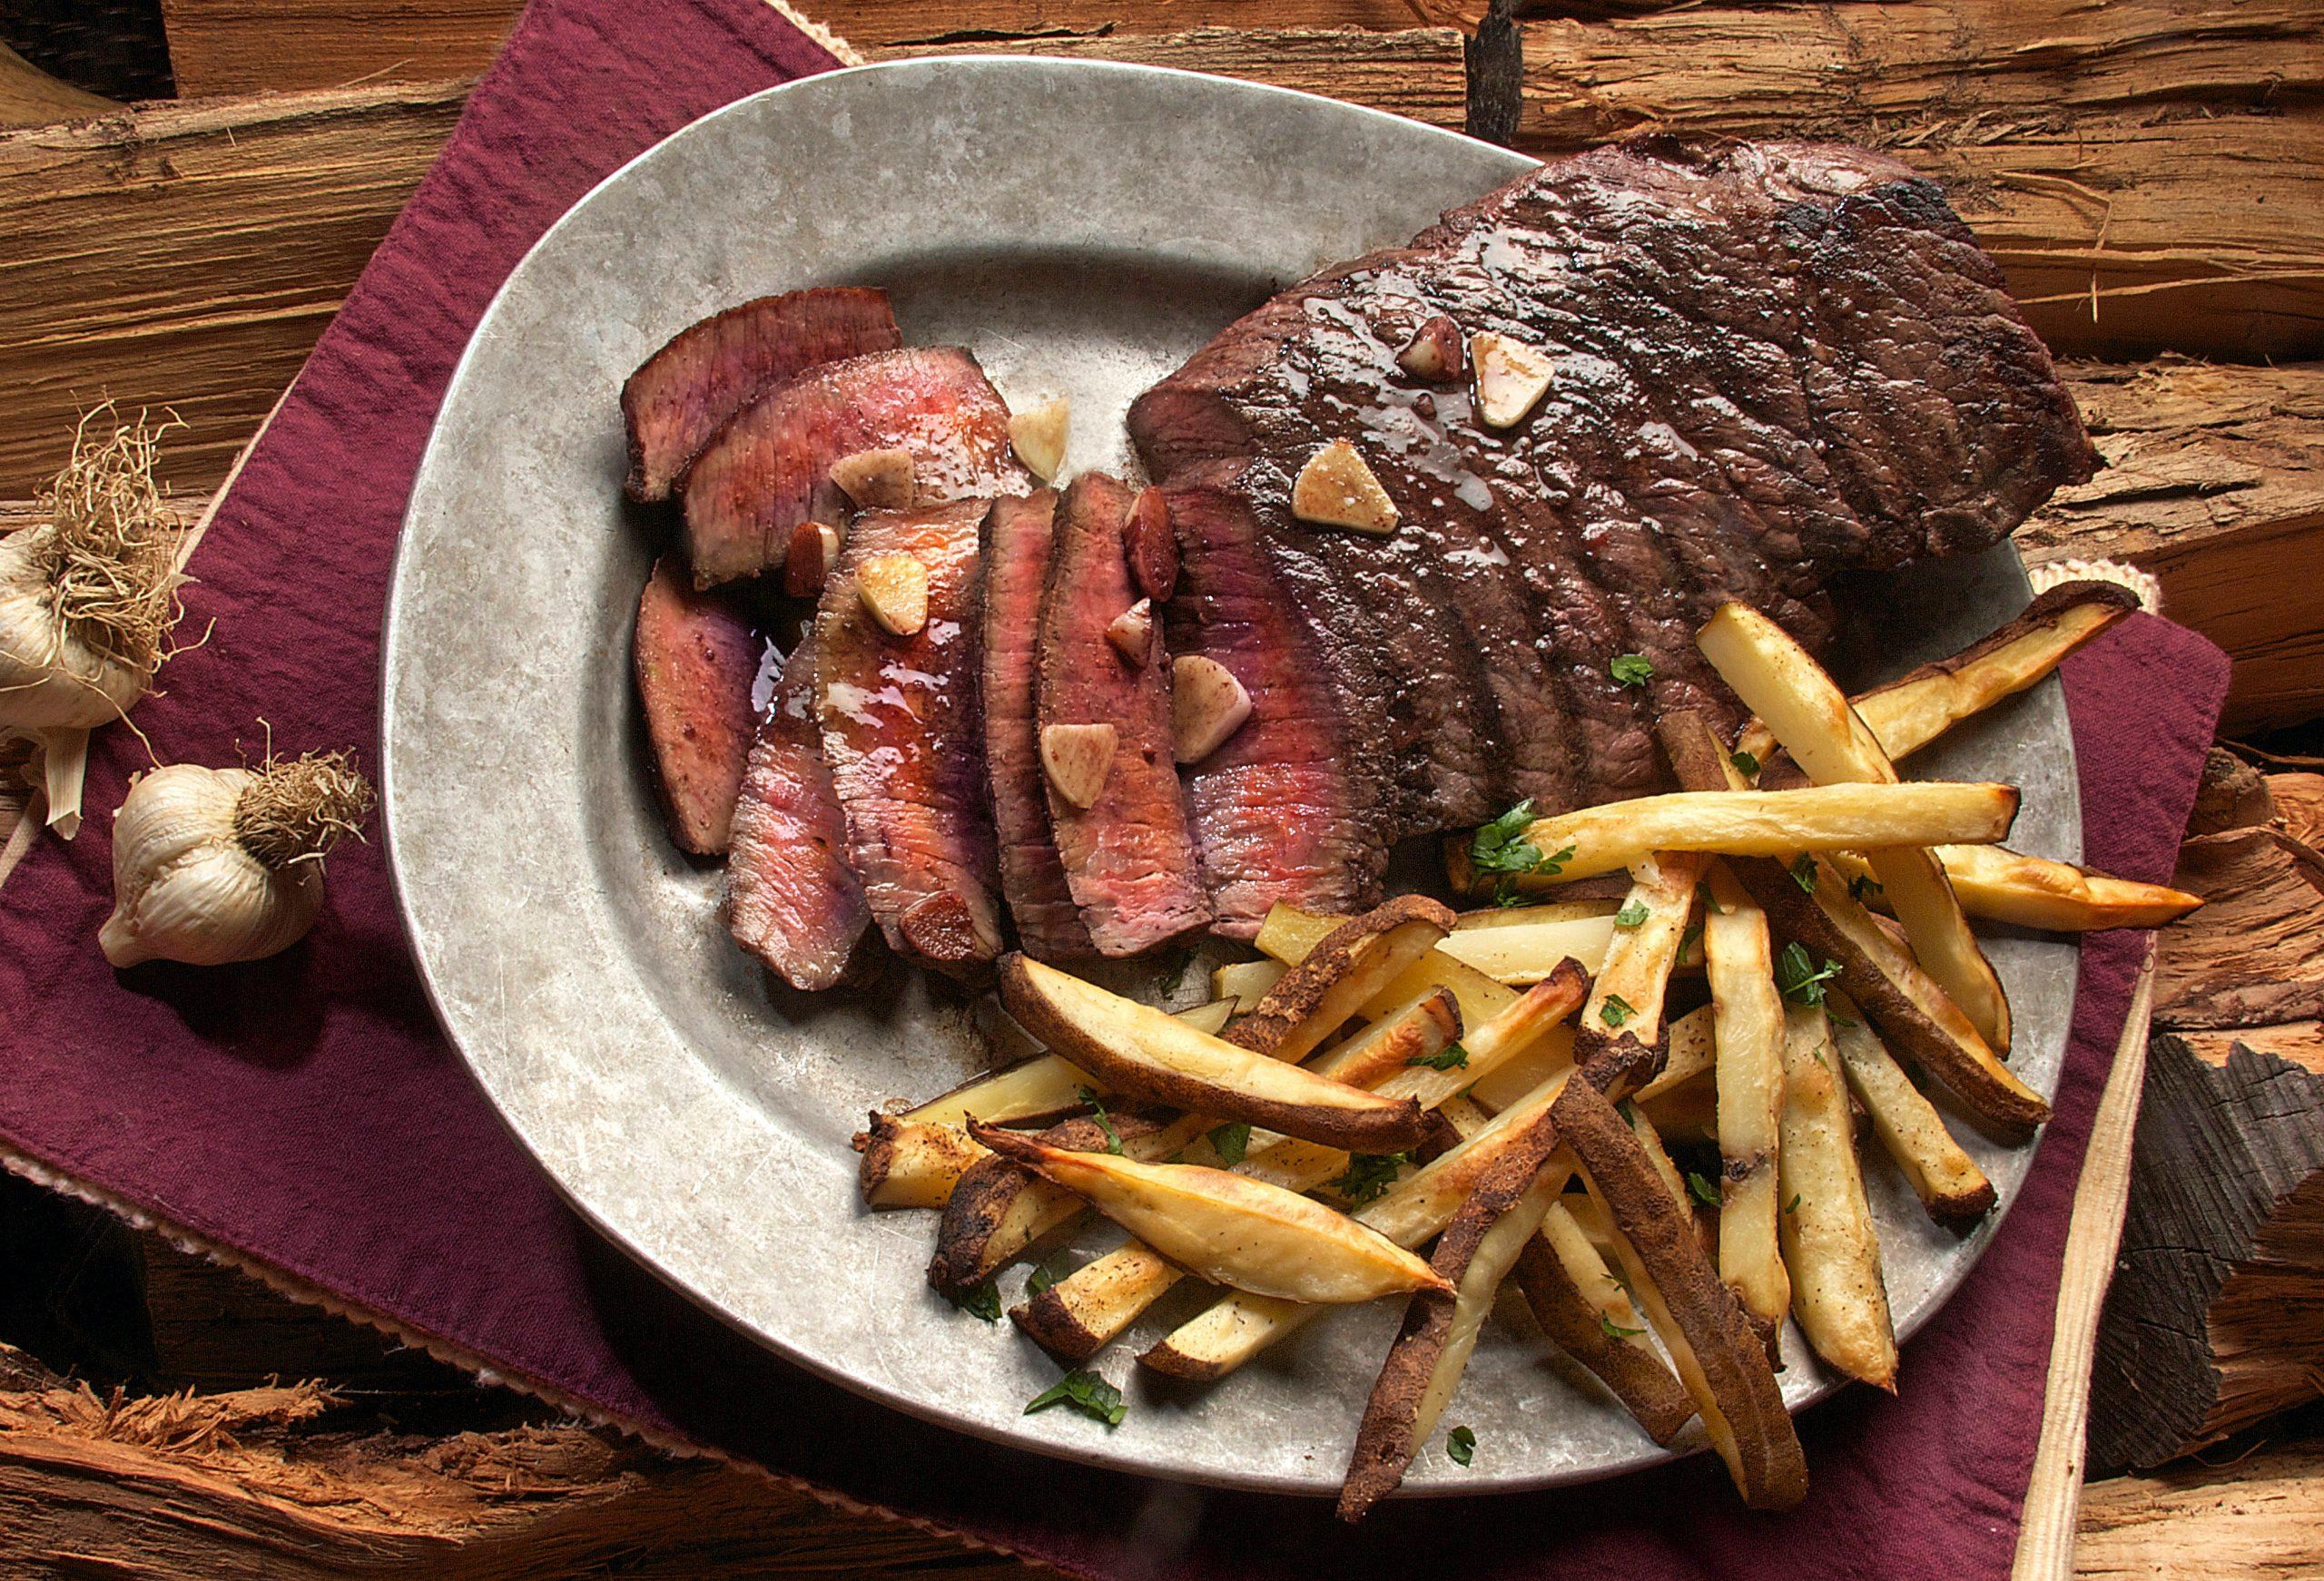 best ways to reheat steak